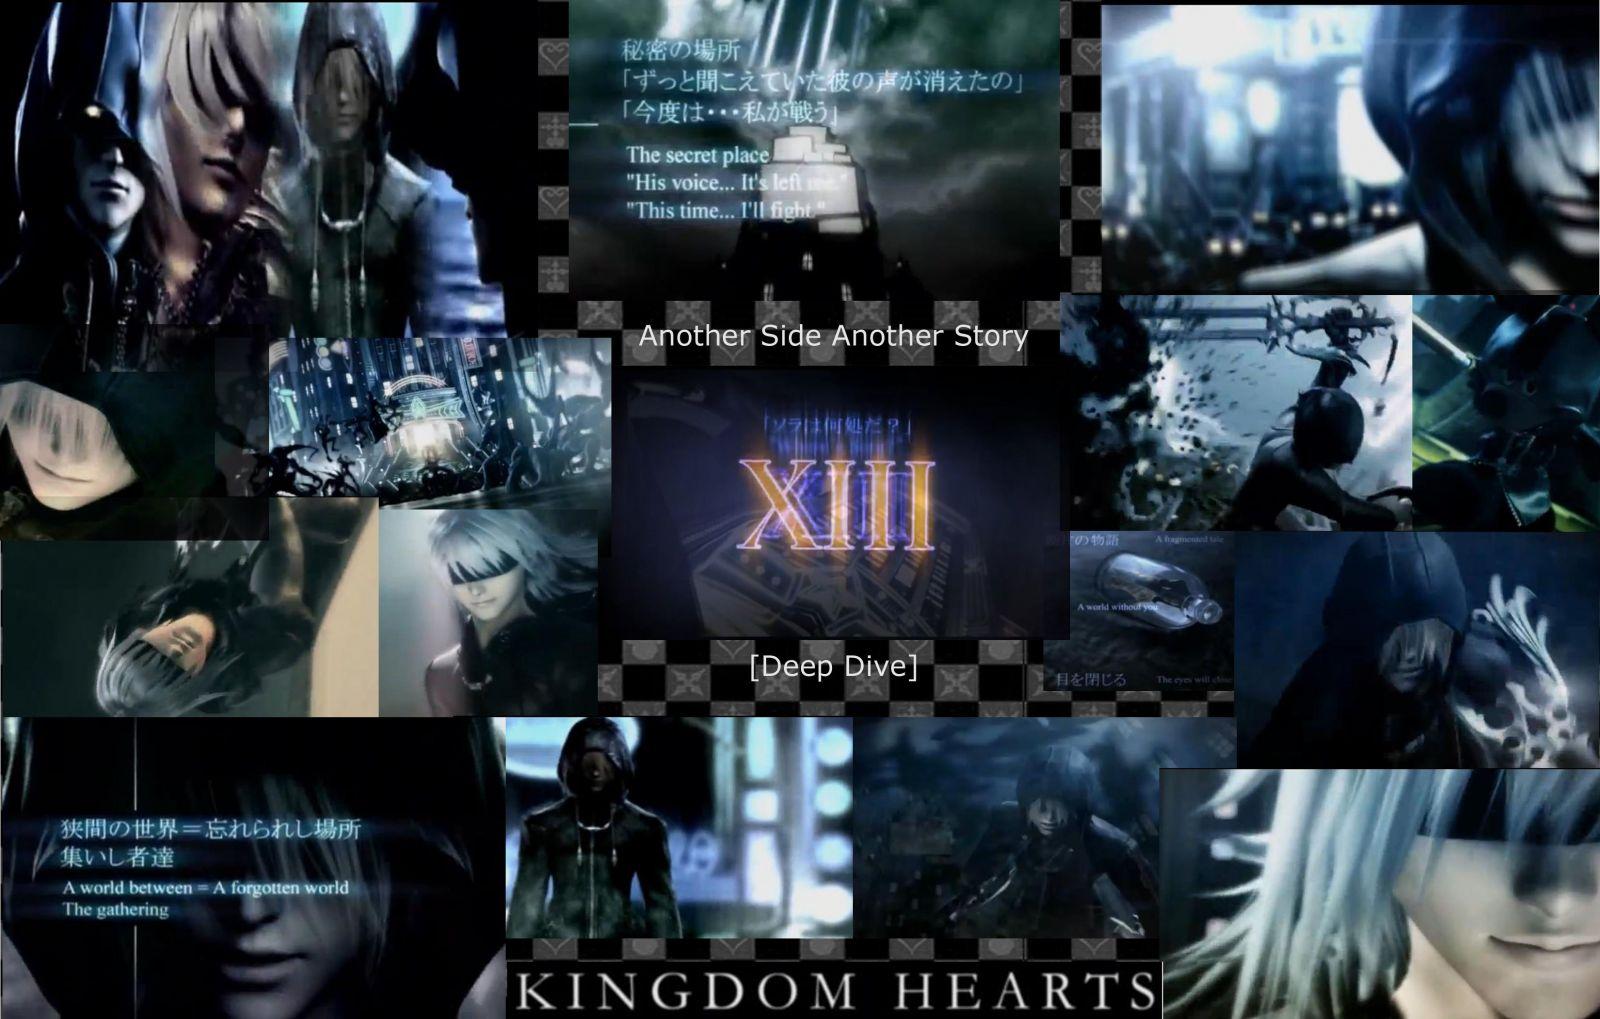 Kingdom hearts deep dive wallpaper wallpapers kingdom - Kingdom hearts deep dive ...